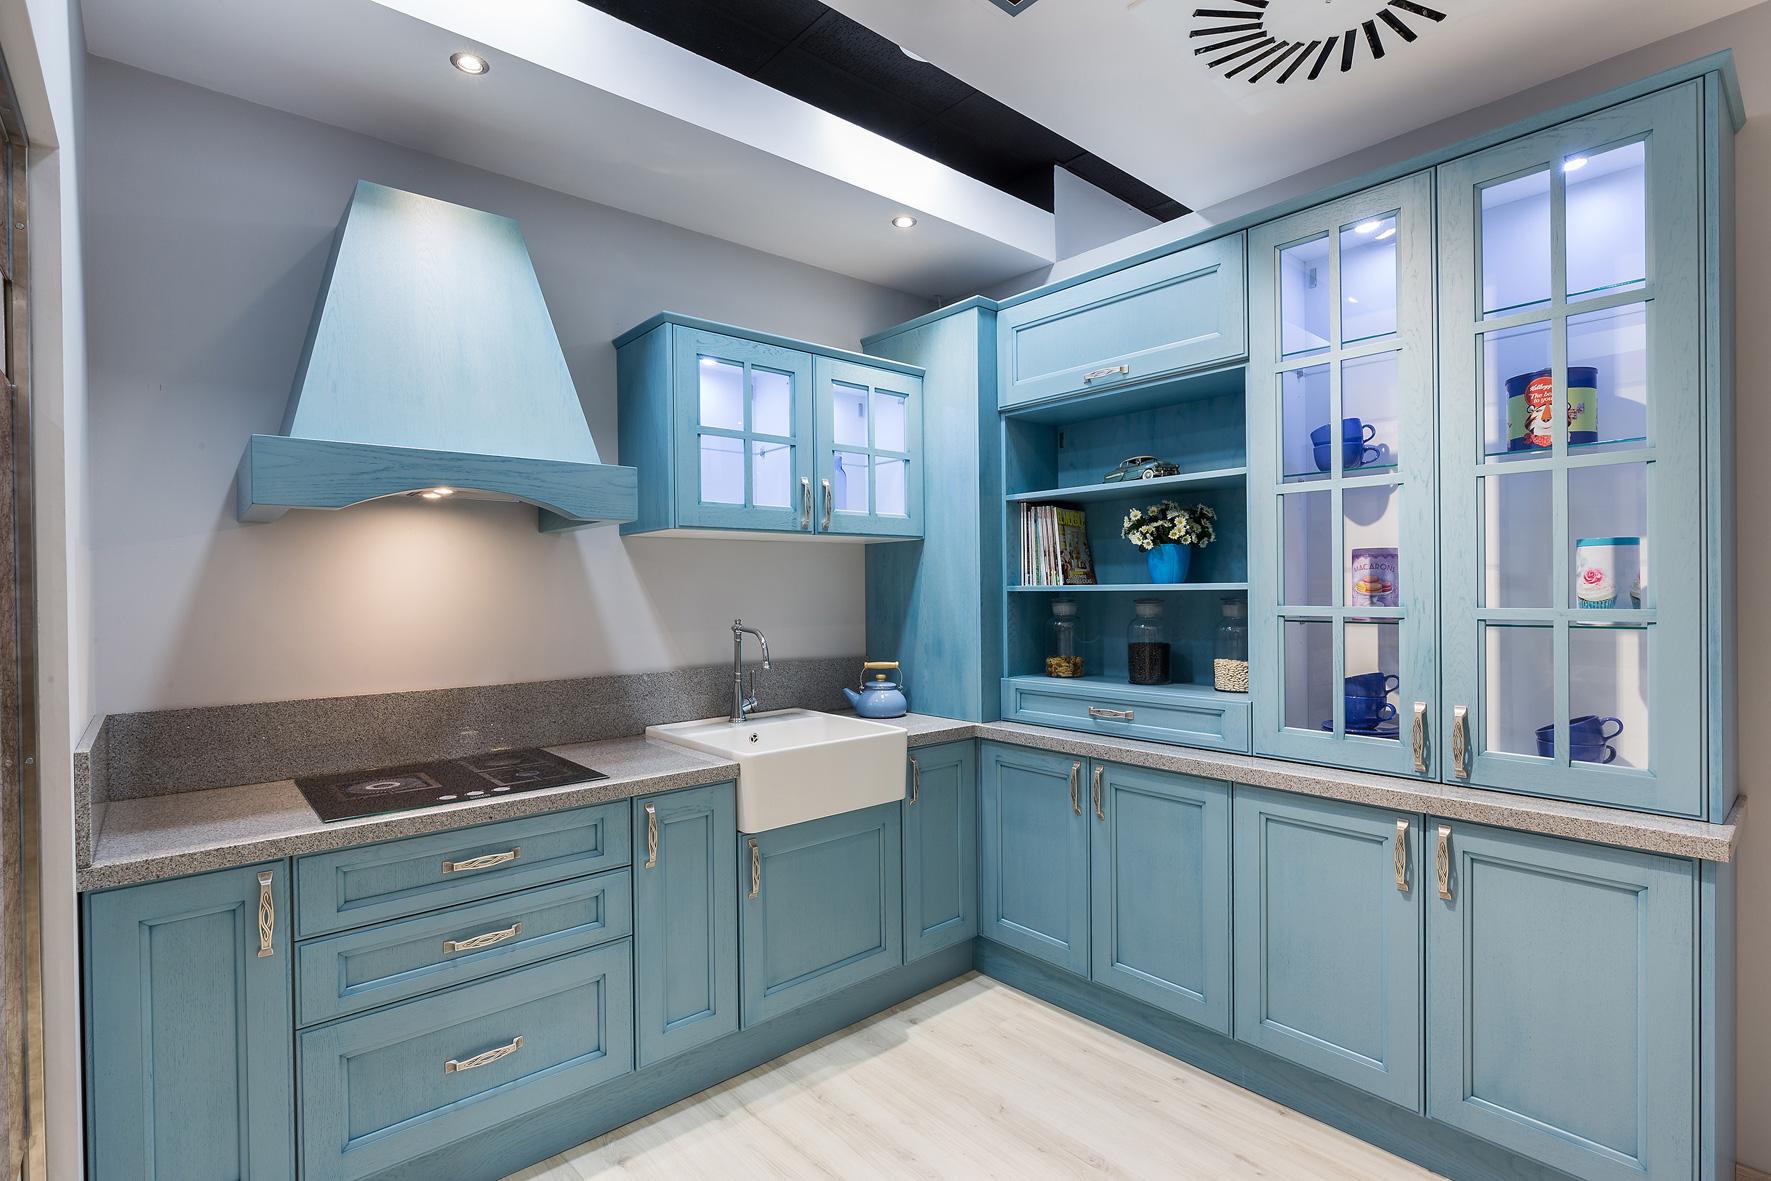 Cocinas azules rompe con lo establecido cocinas rio for Modelos de muebles de cocina en madera